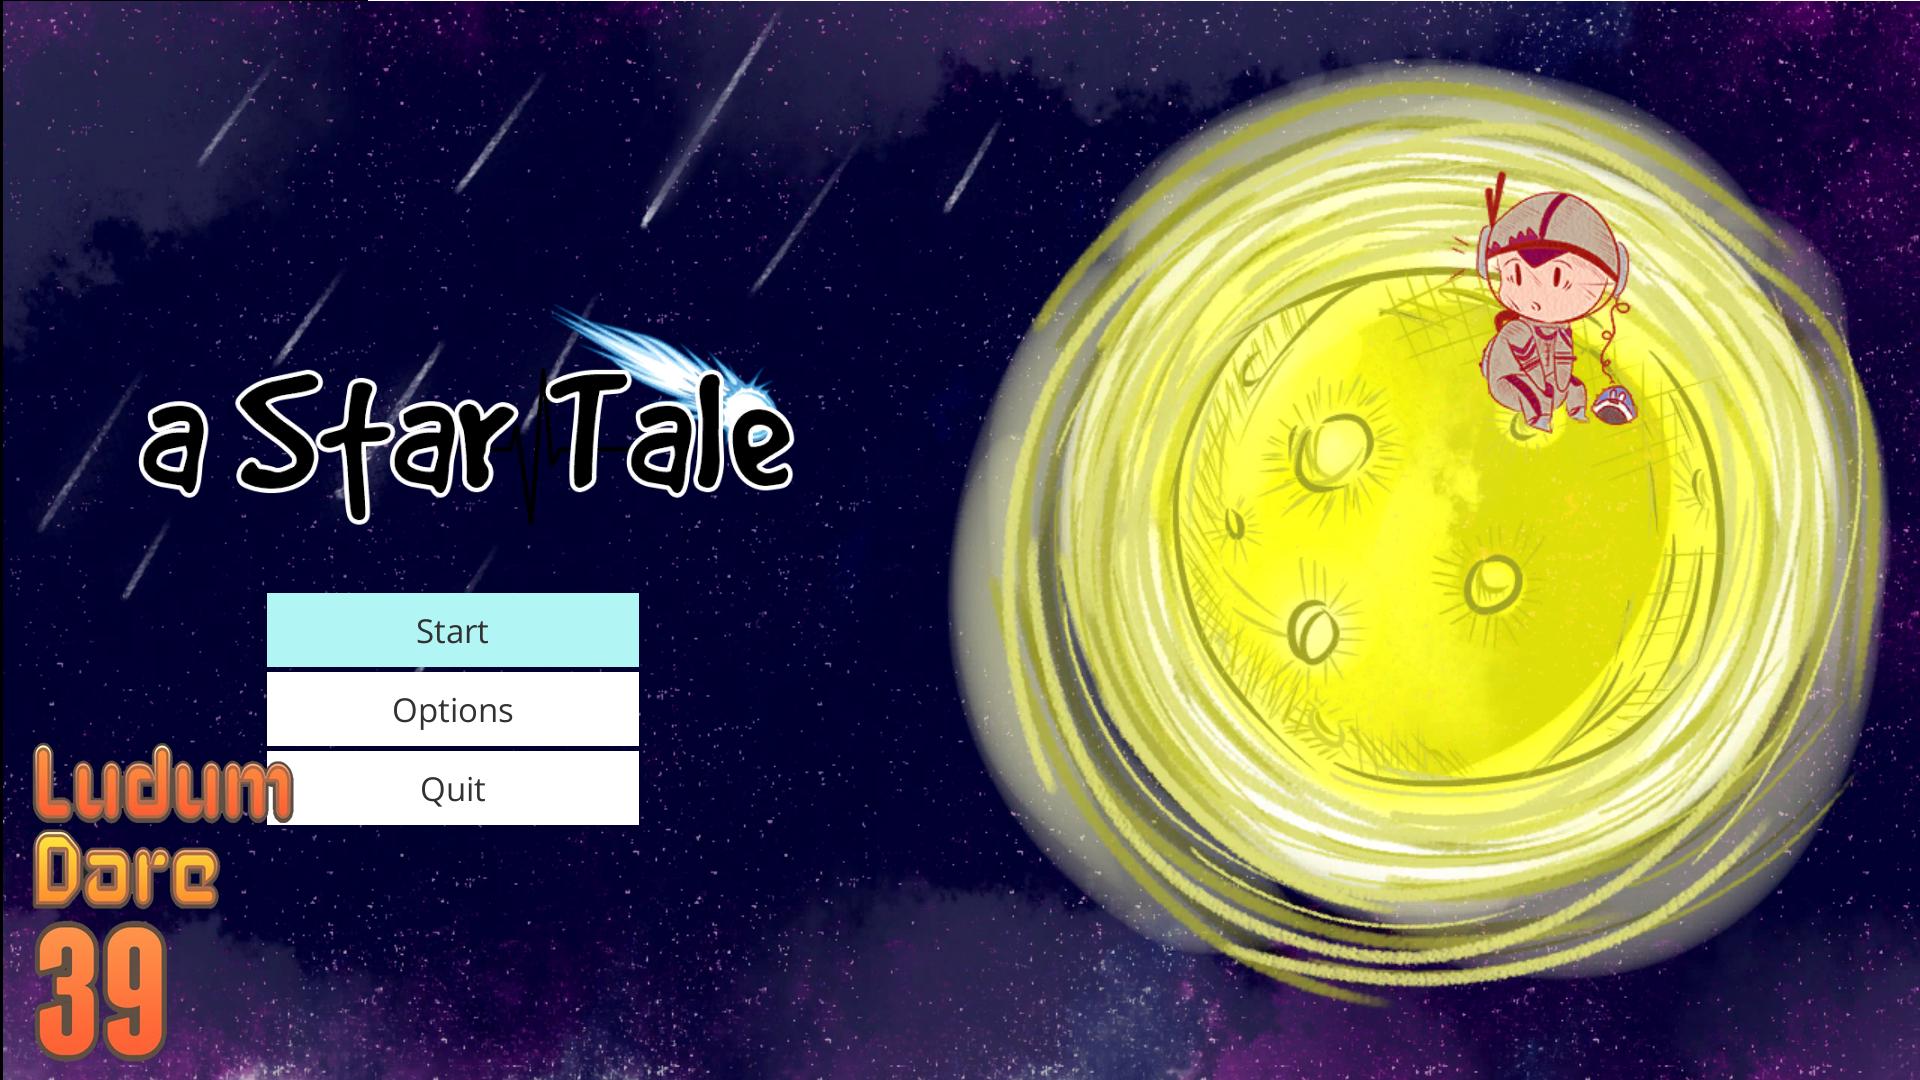 a Star tale